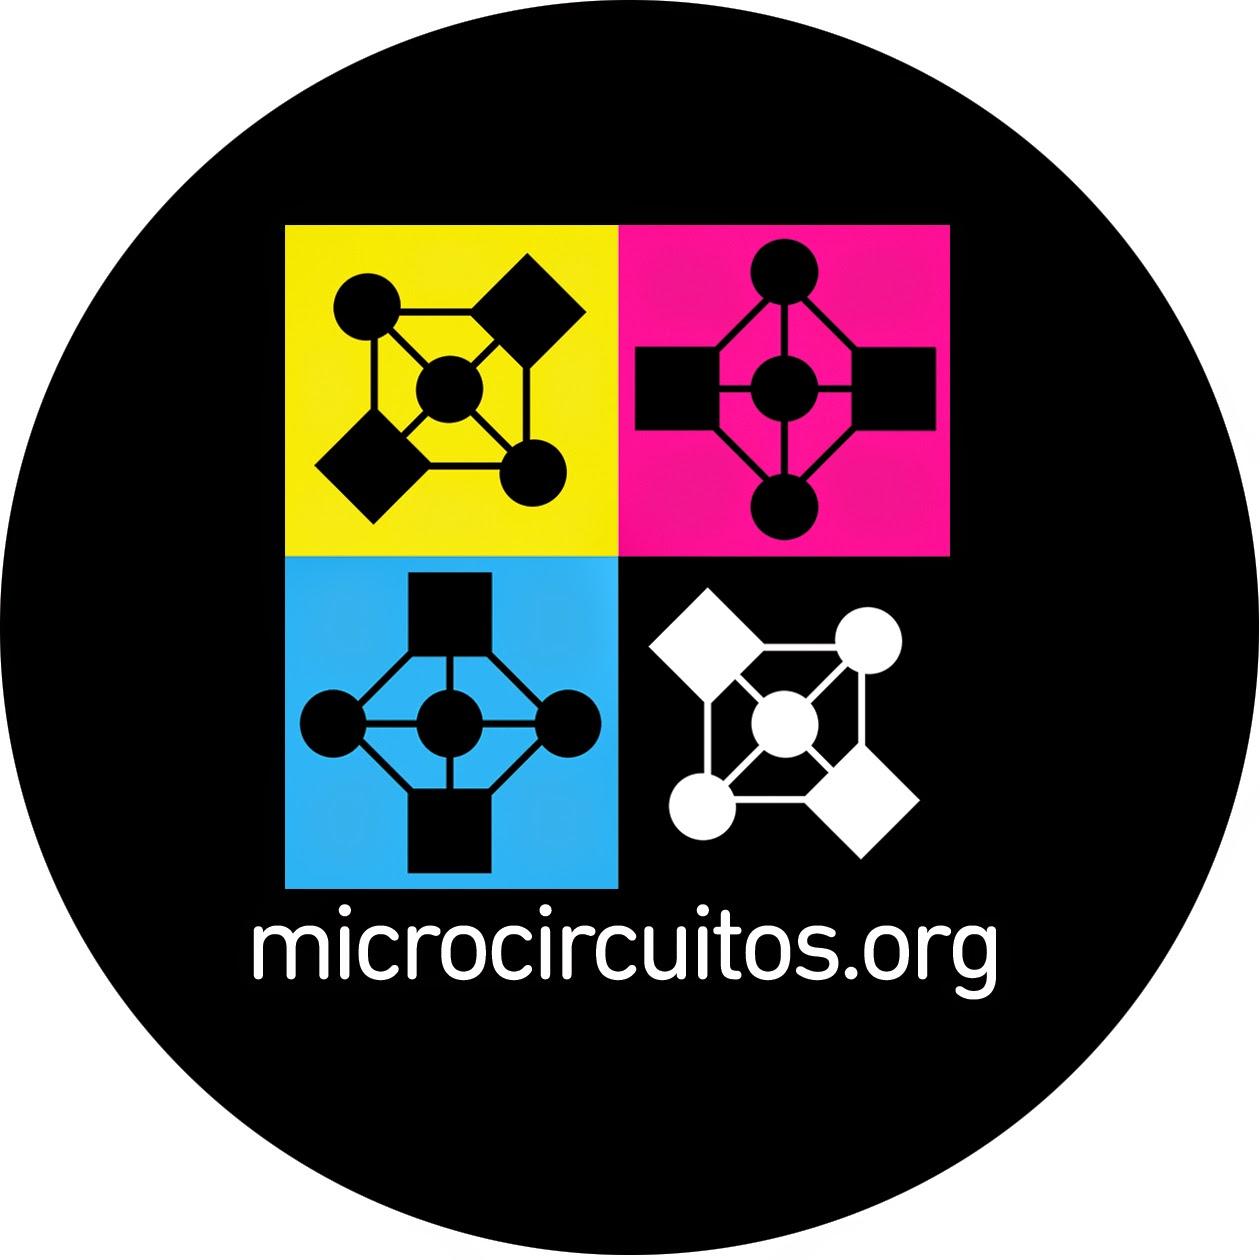 microcircuitos.org